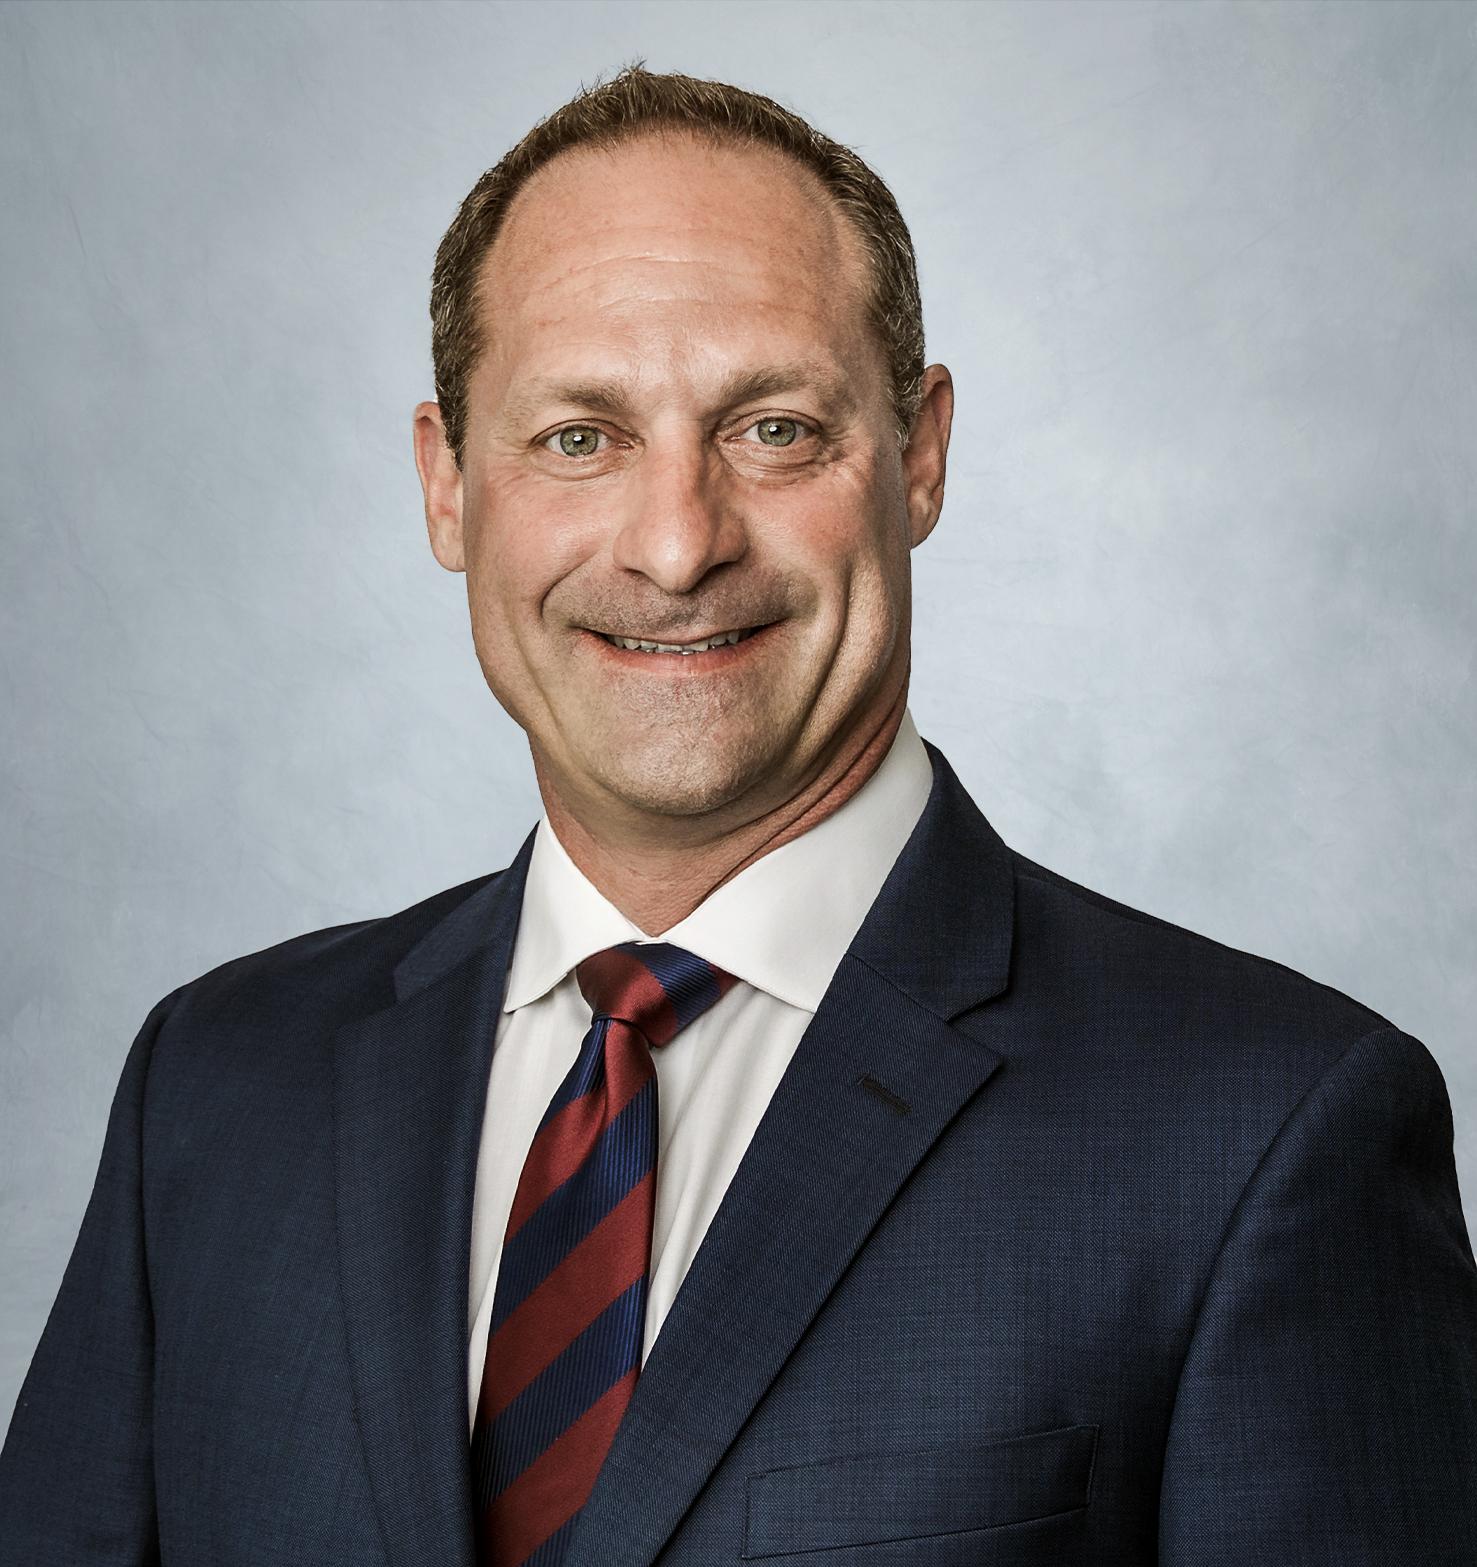 John Rhode Crossover Financial